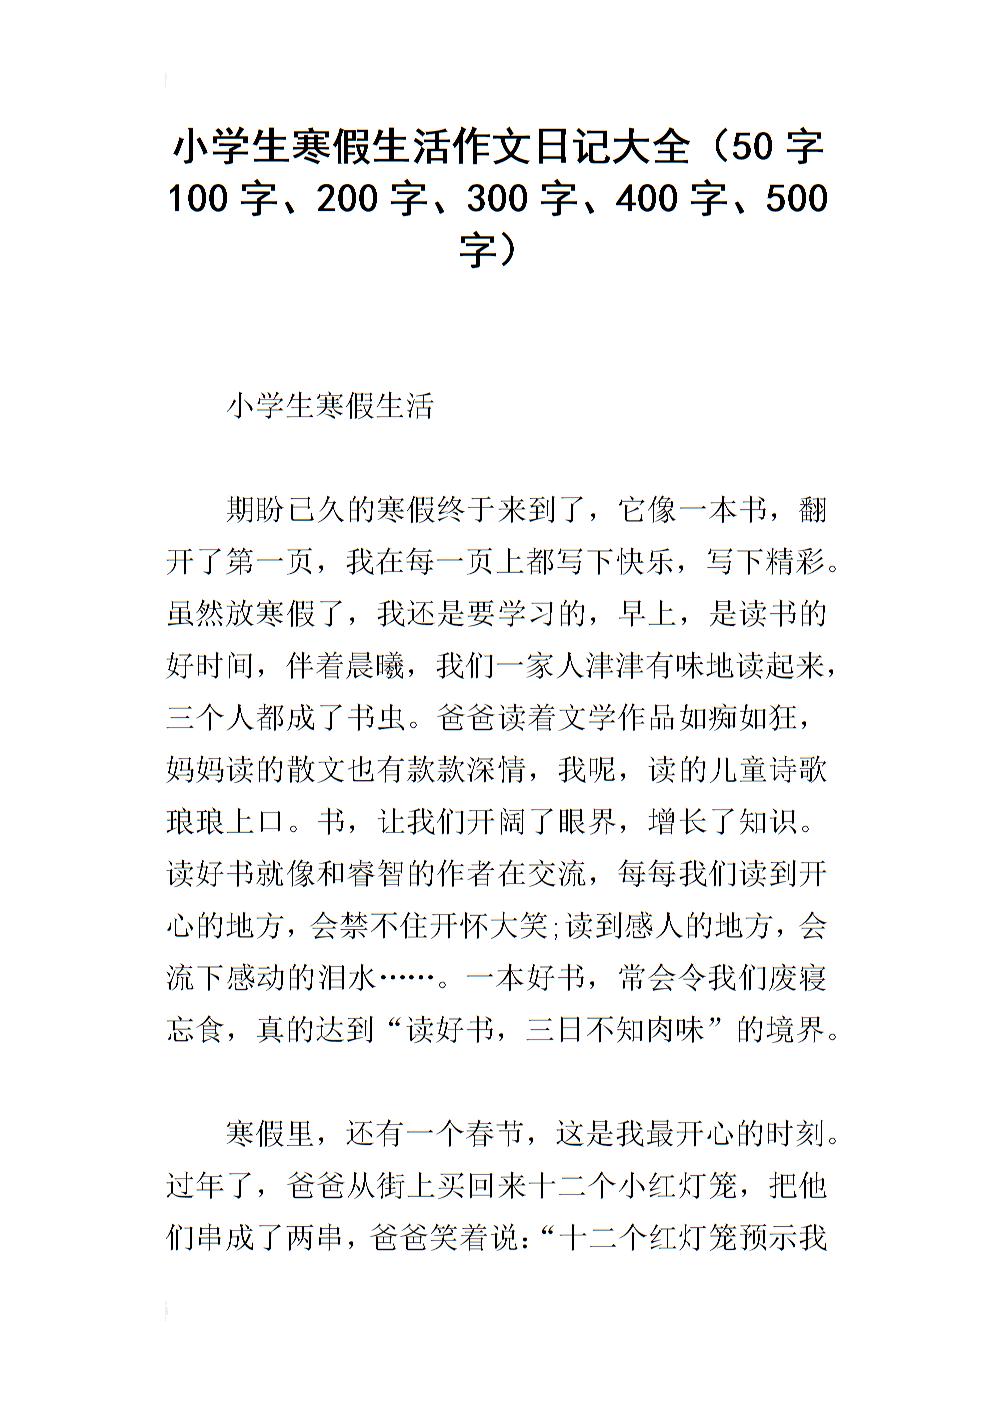 小學生寒假v初中初中日記大全(50字100字,200字,300字作文北京怎么樣七中圖片